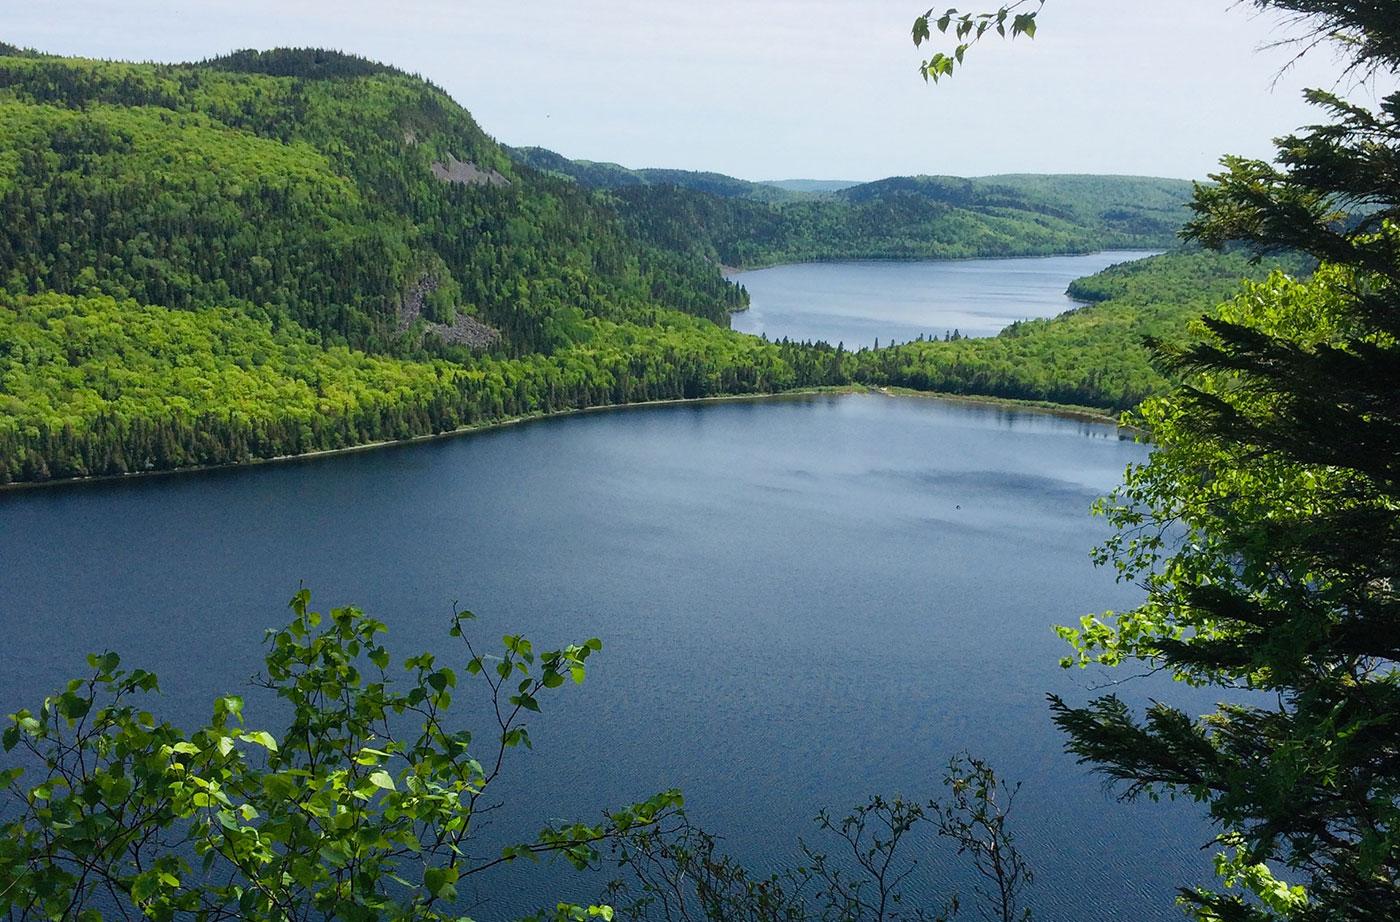 Deboullie Ecological Reserve